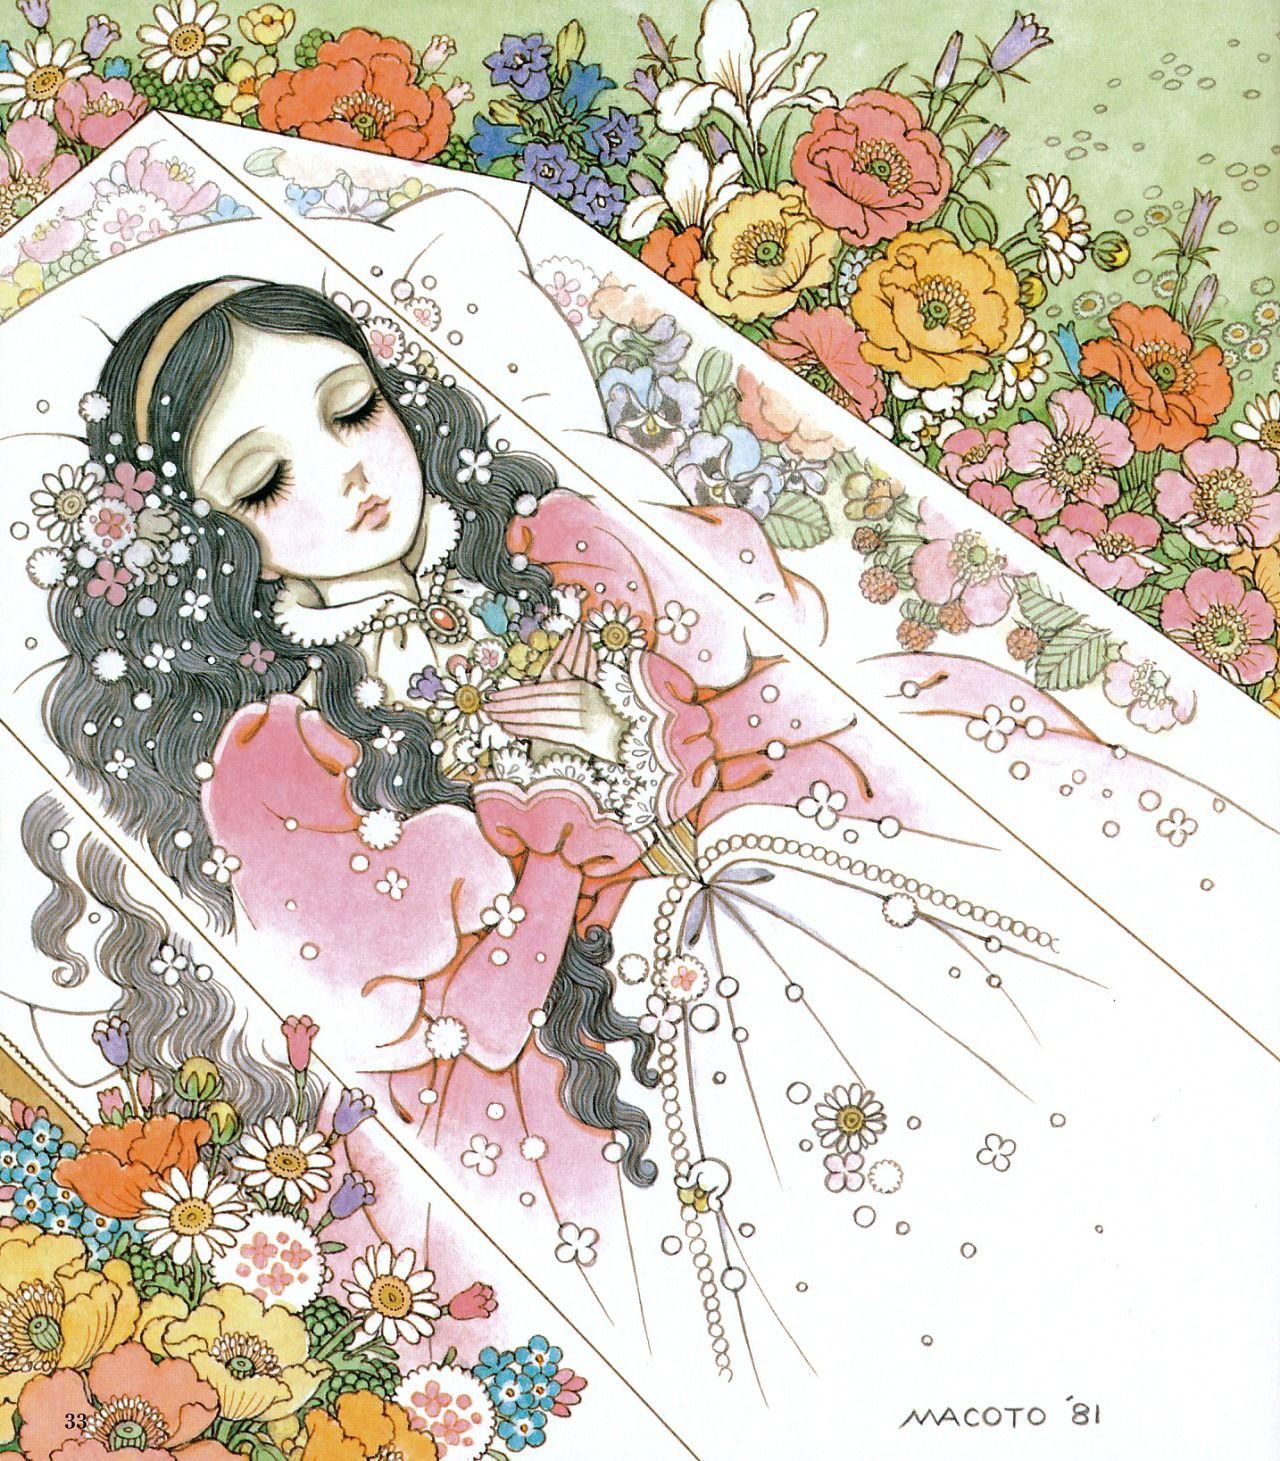 Macoto Takahashi Snow White - #snowwhite